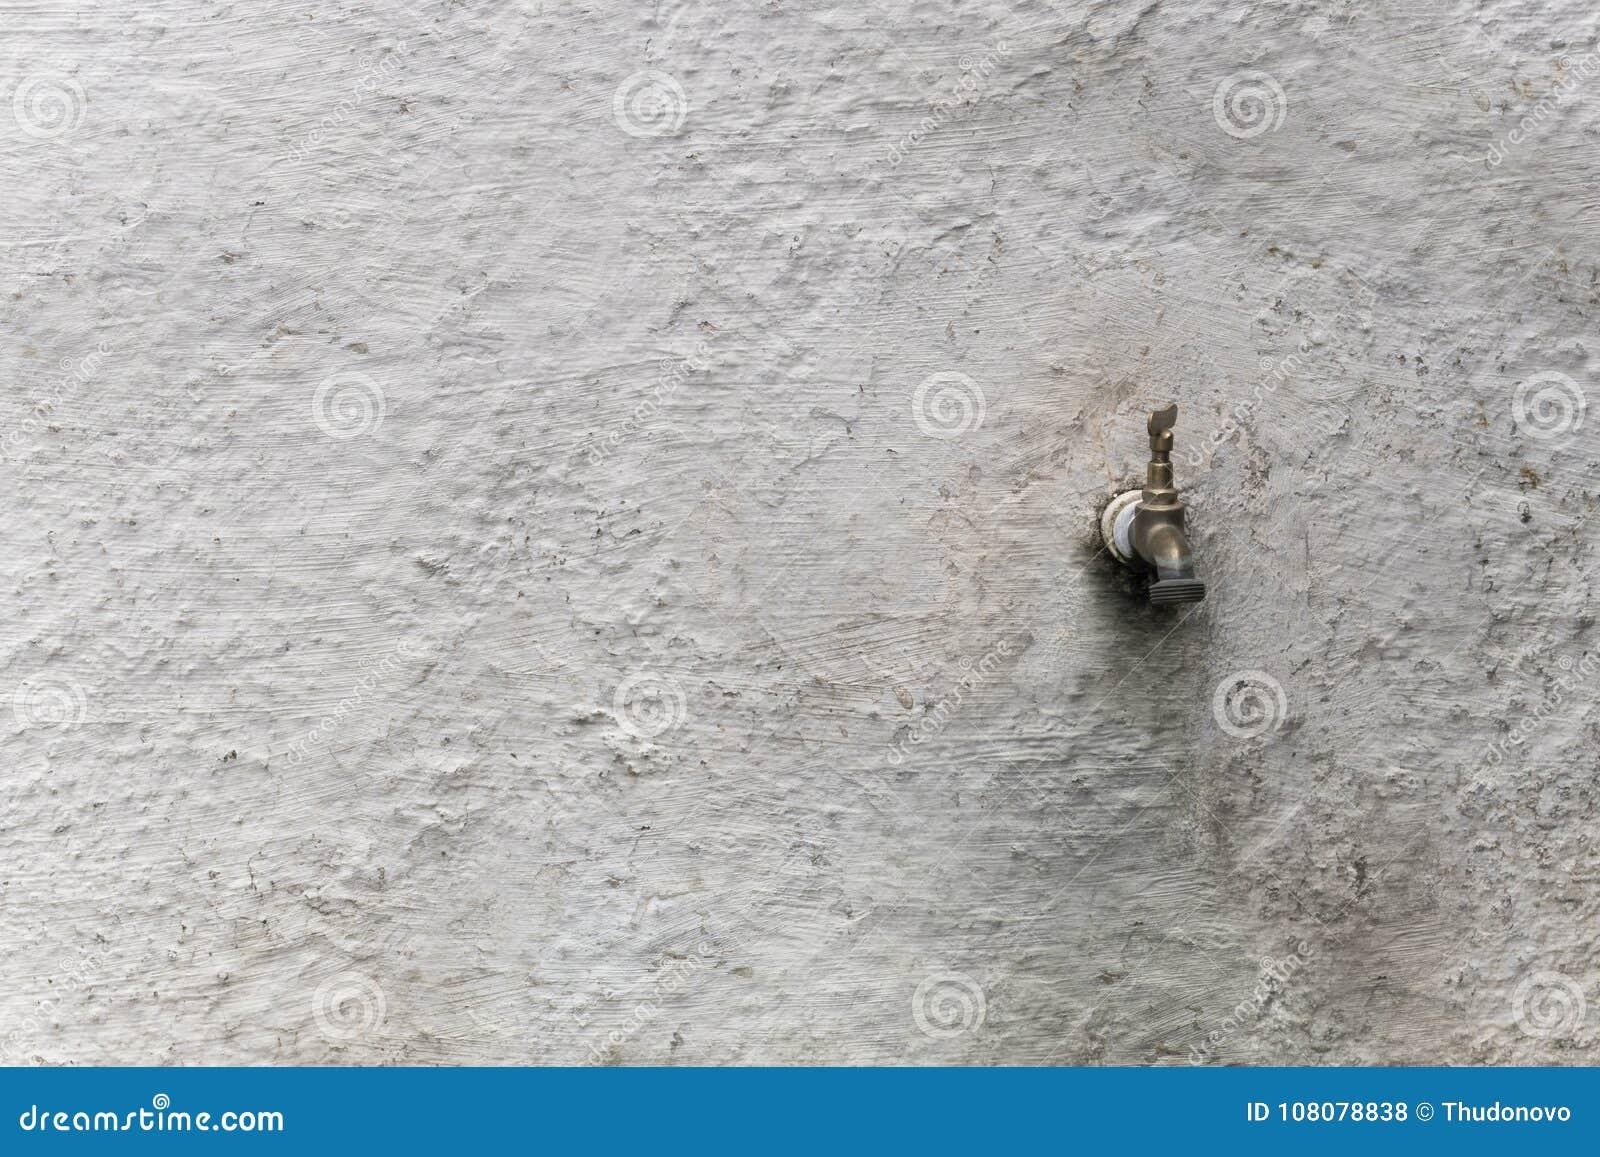 Kraan Uit Muur.Oude Kraan Op Witte Muur Stock Foto Afbeelding Bestaande